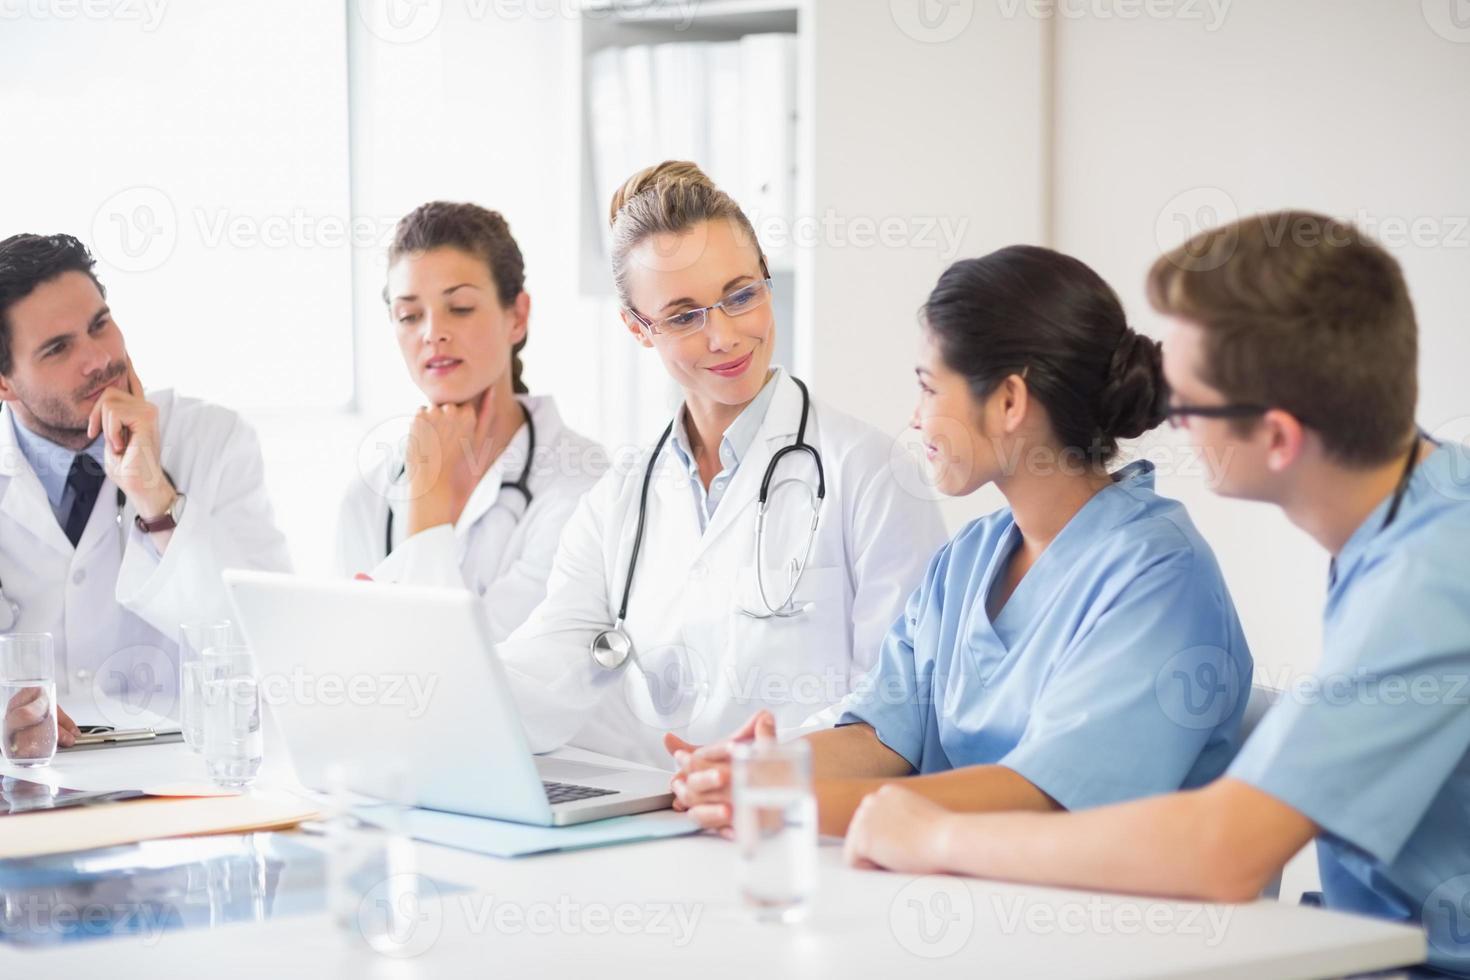 equipe de médicos e enfermeiros discutindo foto